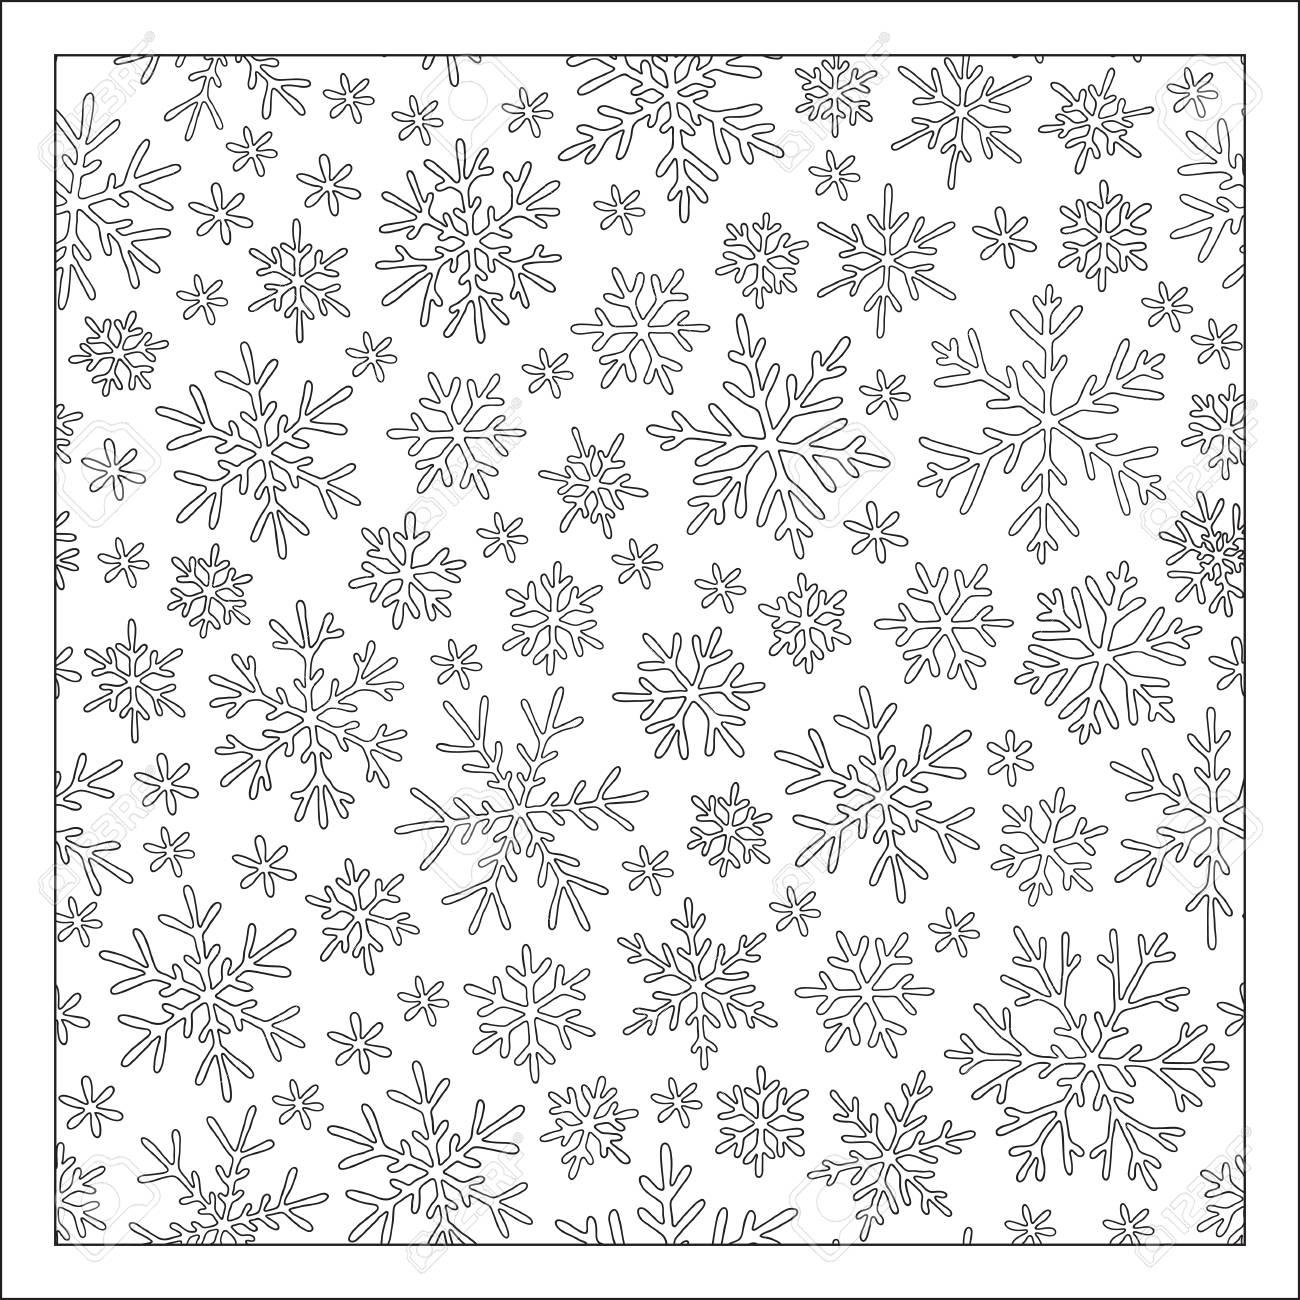 Patrón De Navidad De Los Copos De Nieve Para Una Tarjeta Y Un Libro Para Colorear Navidad Dibujado A Mano Elementos Decorativos Doodle En El Vector